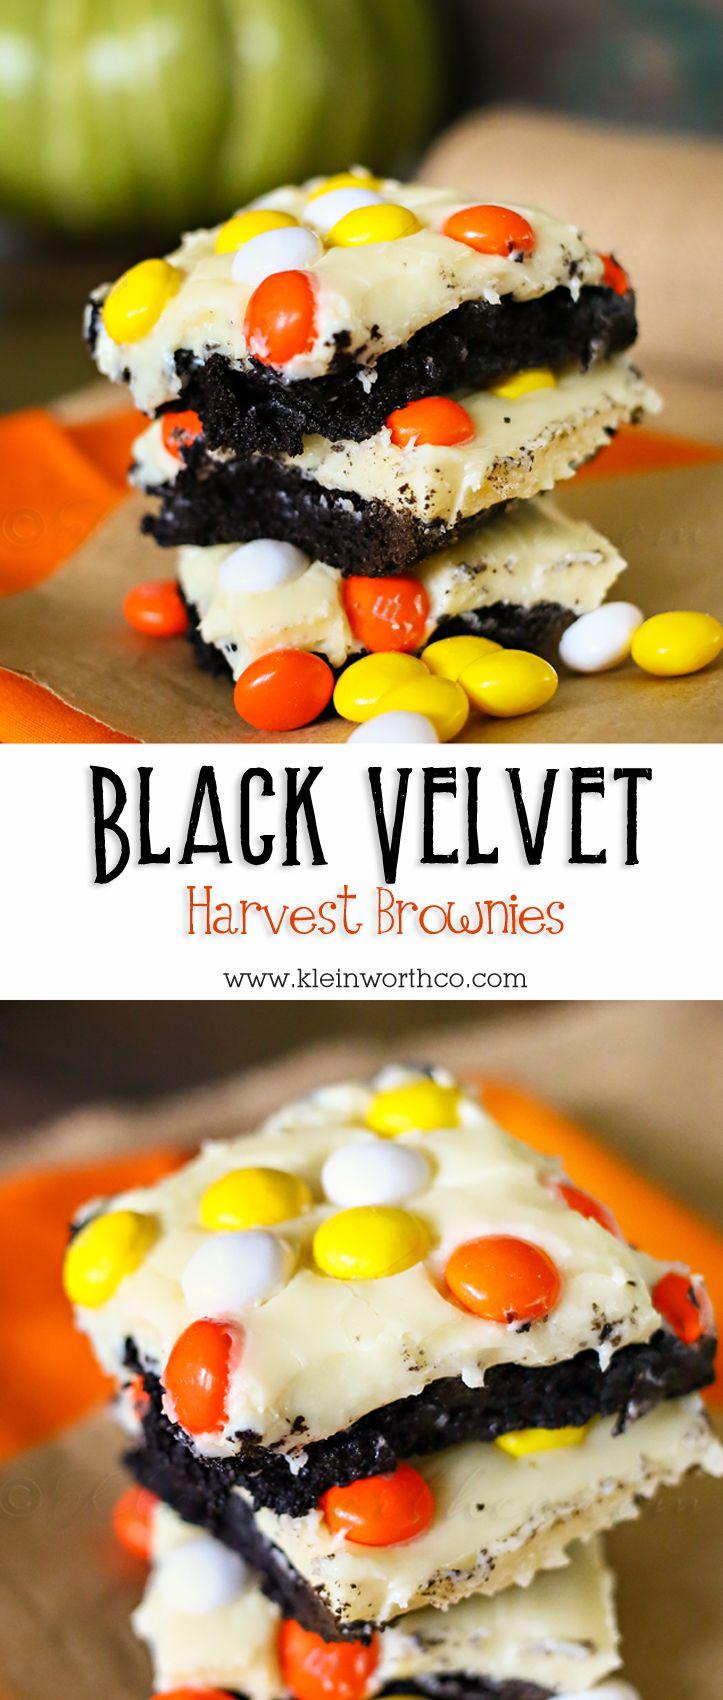 Black Velvet Harvest Brownies {Fall Harvest Blog Hop} on kleinworthco.com